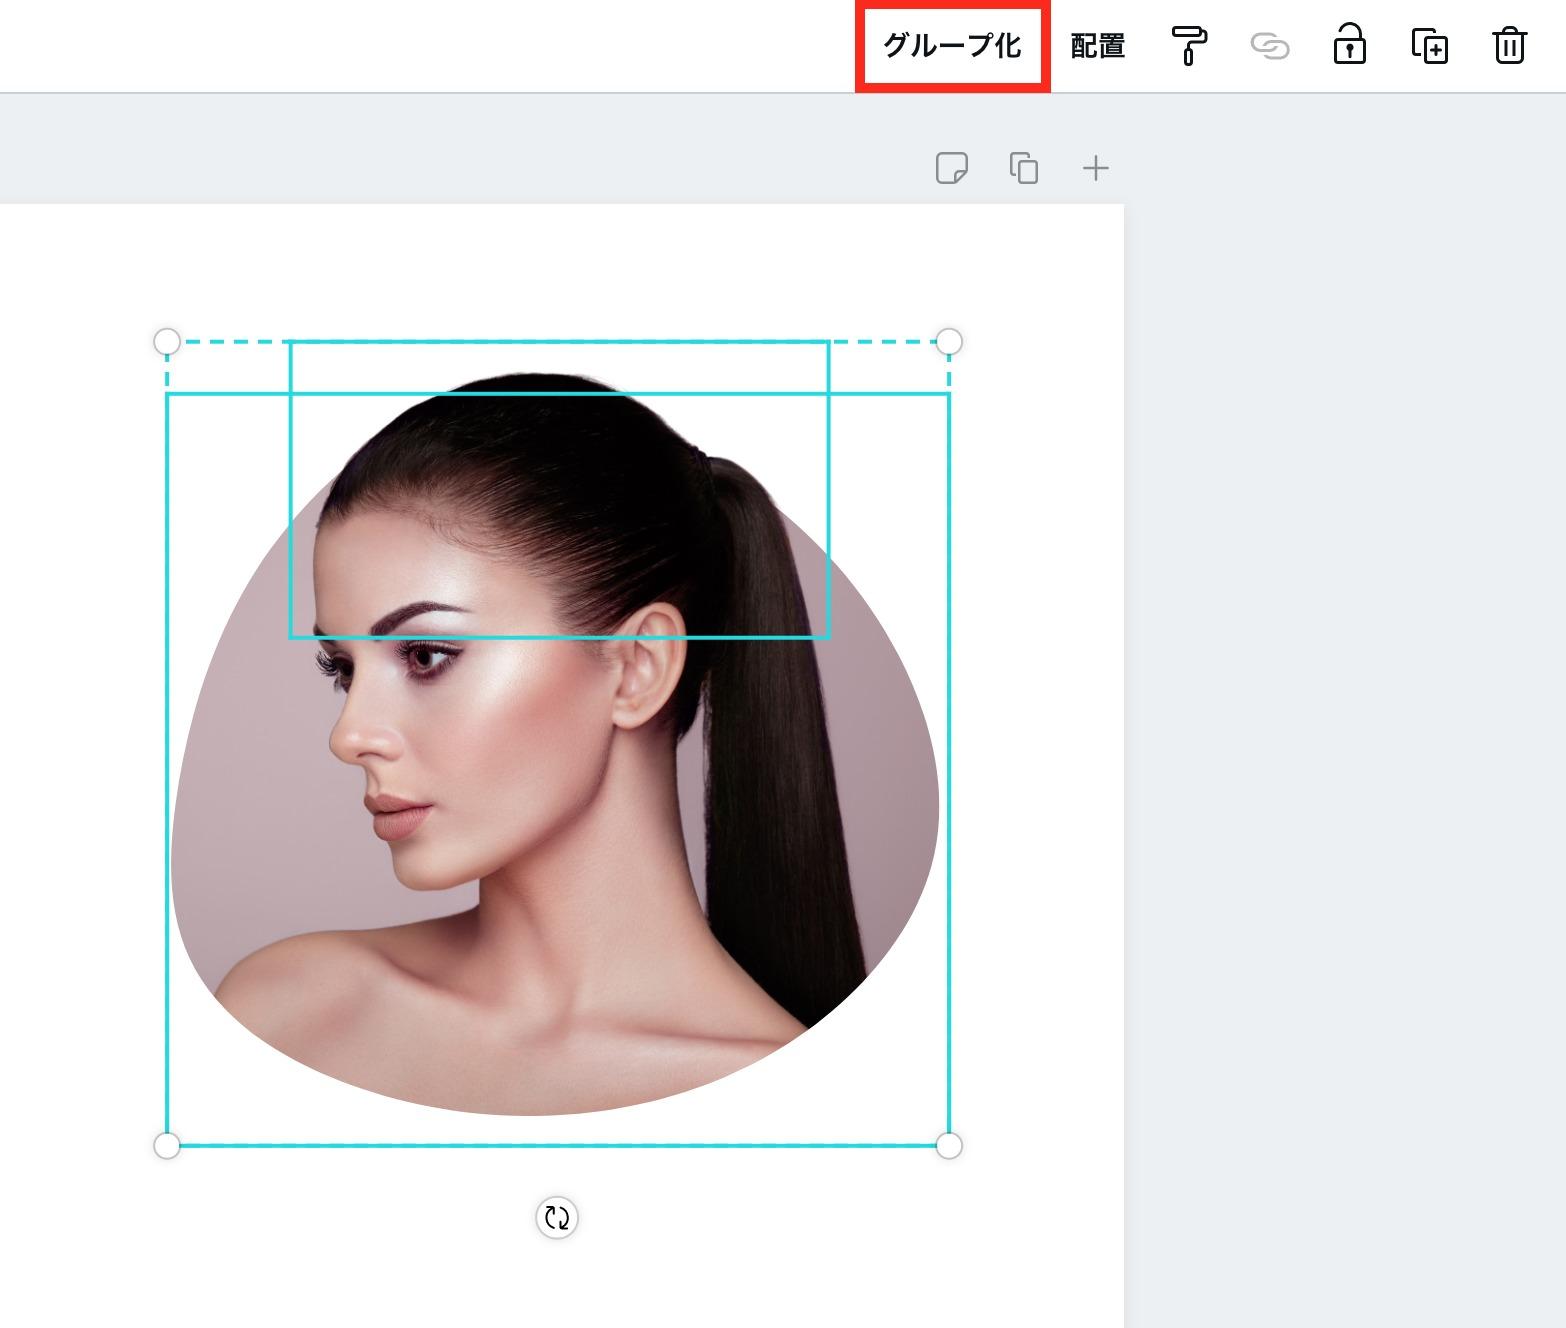 画像をグループ化する